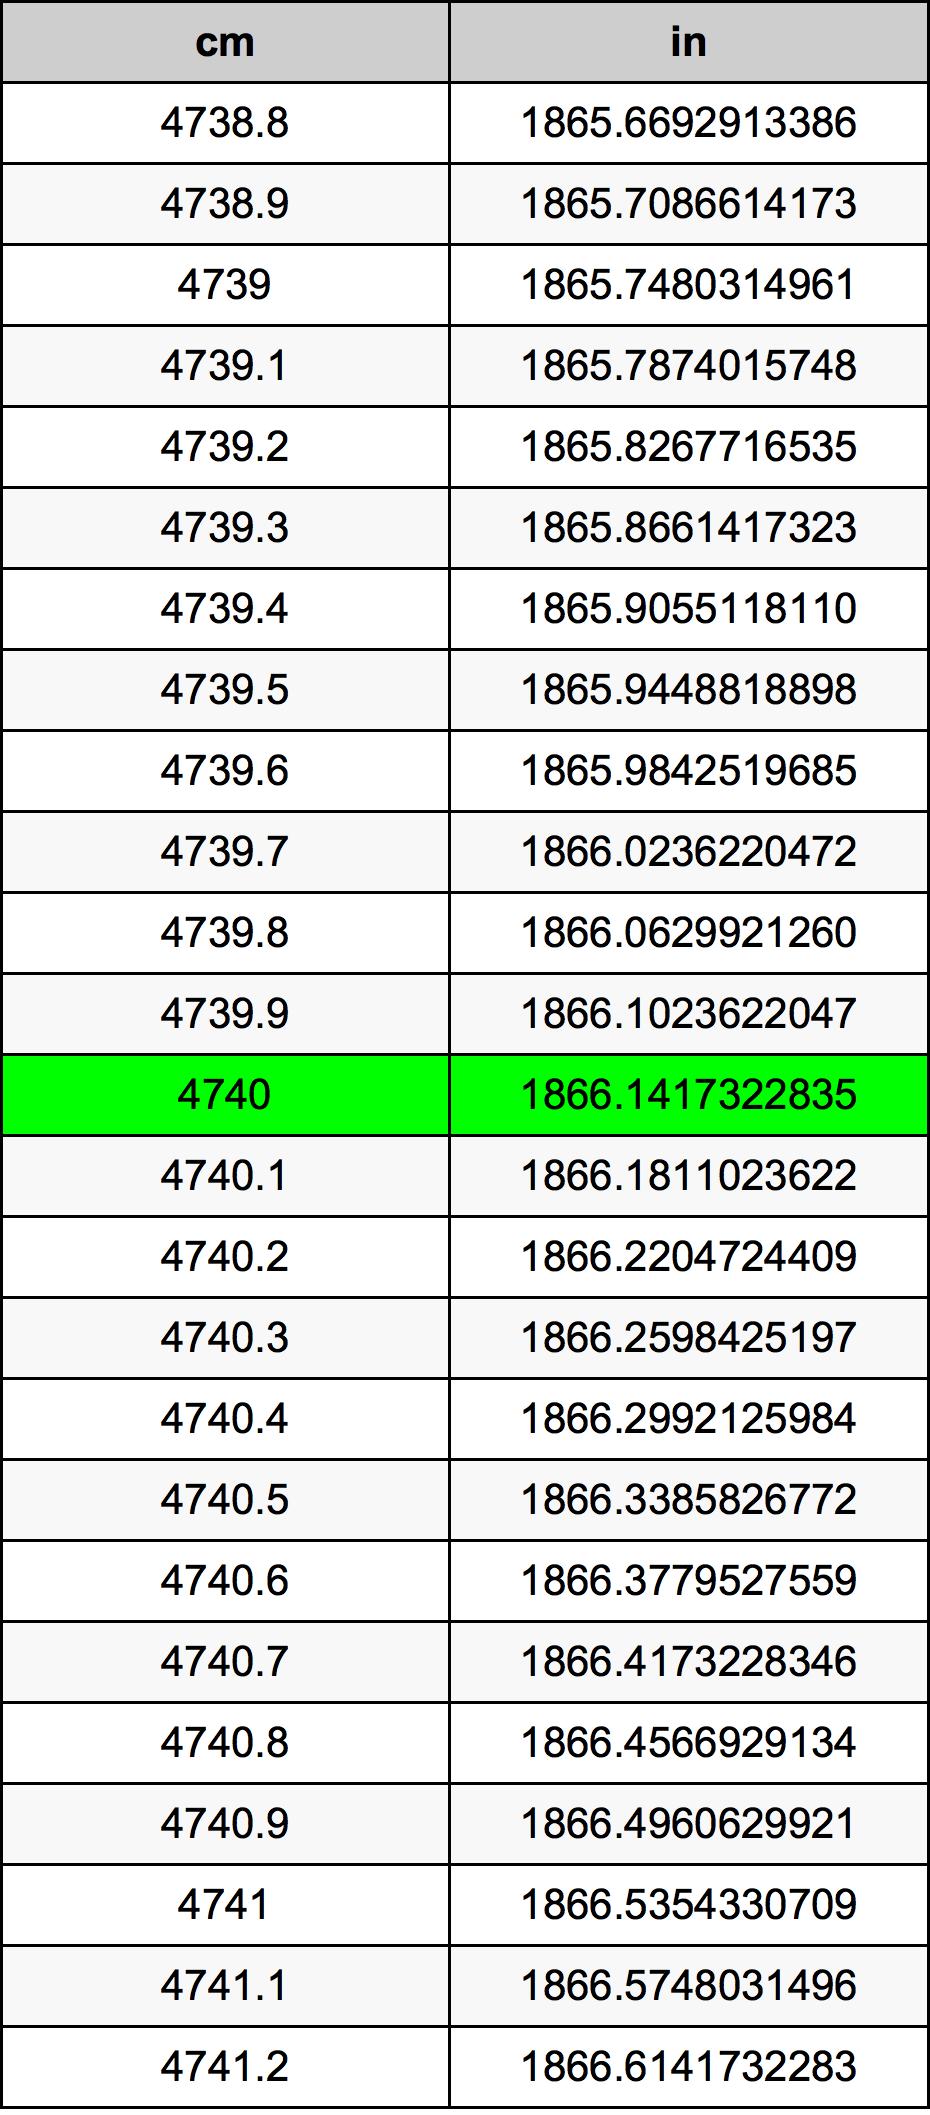 4740 Senttimetri muuntotaulukkoa